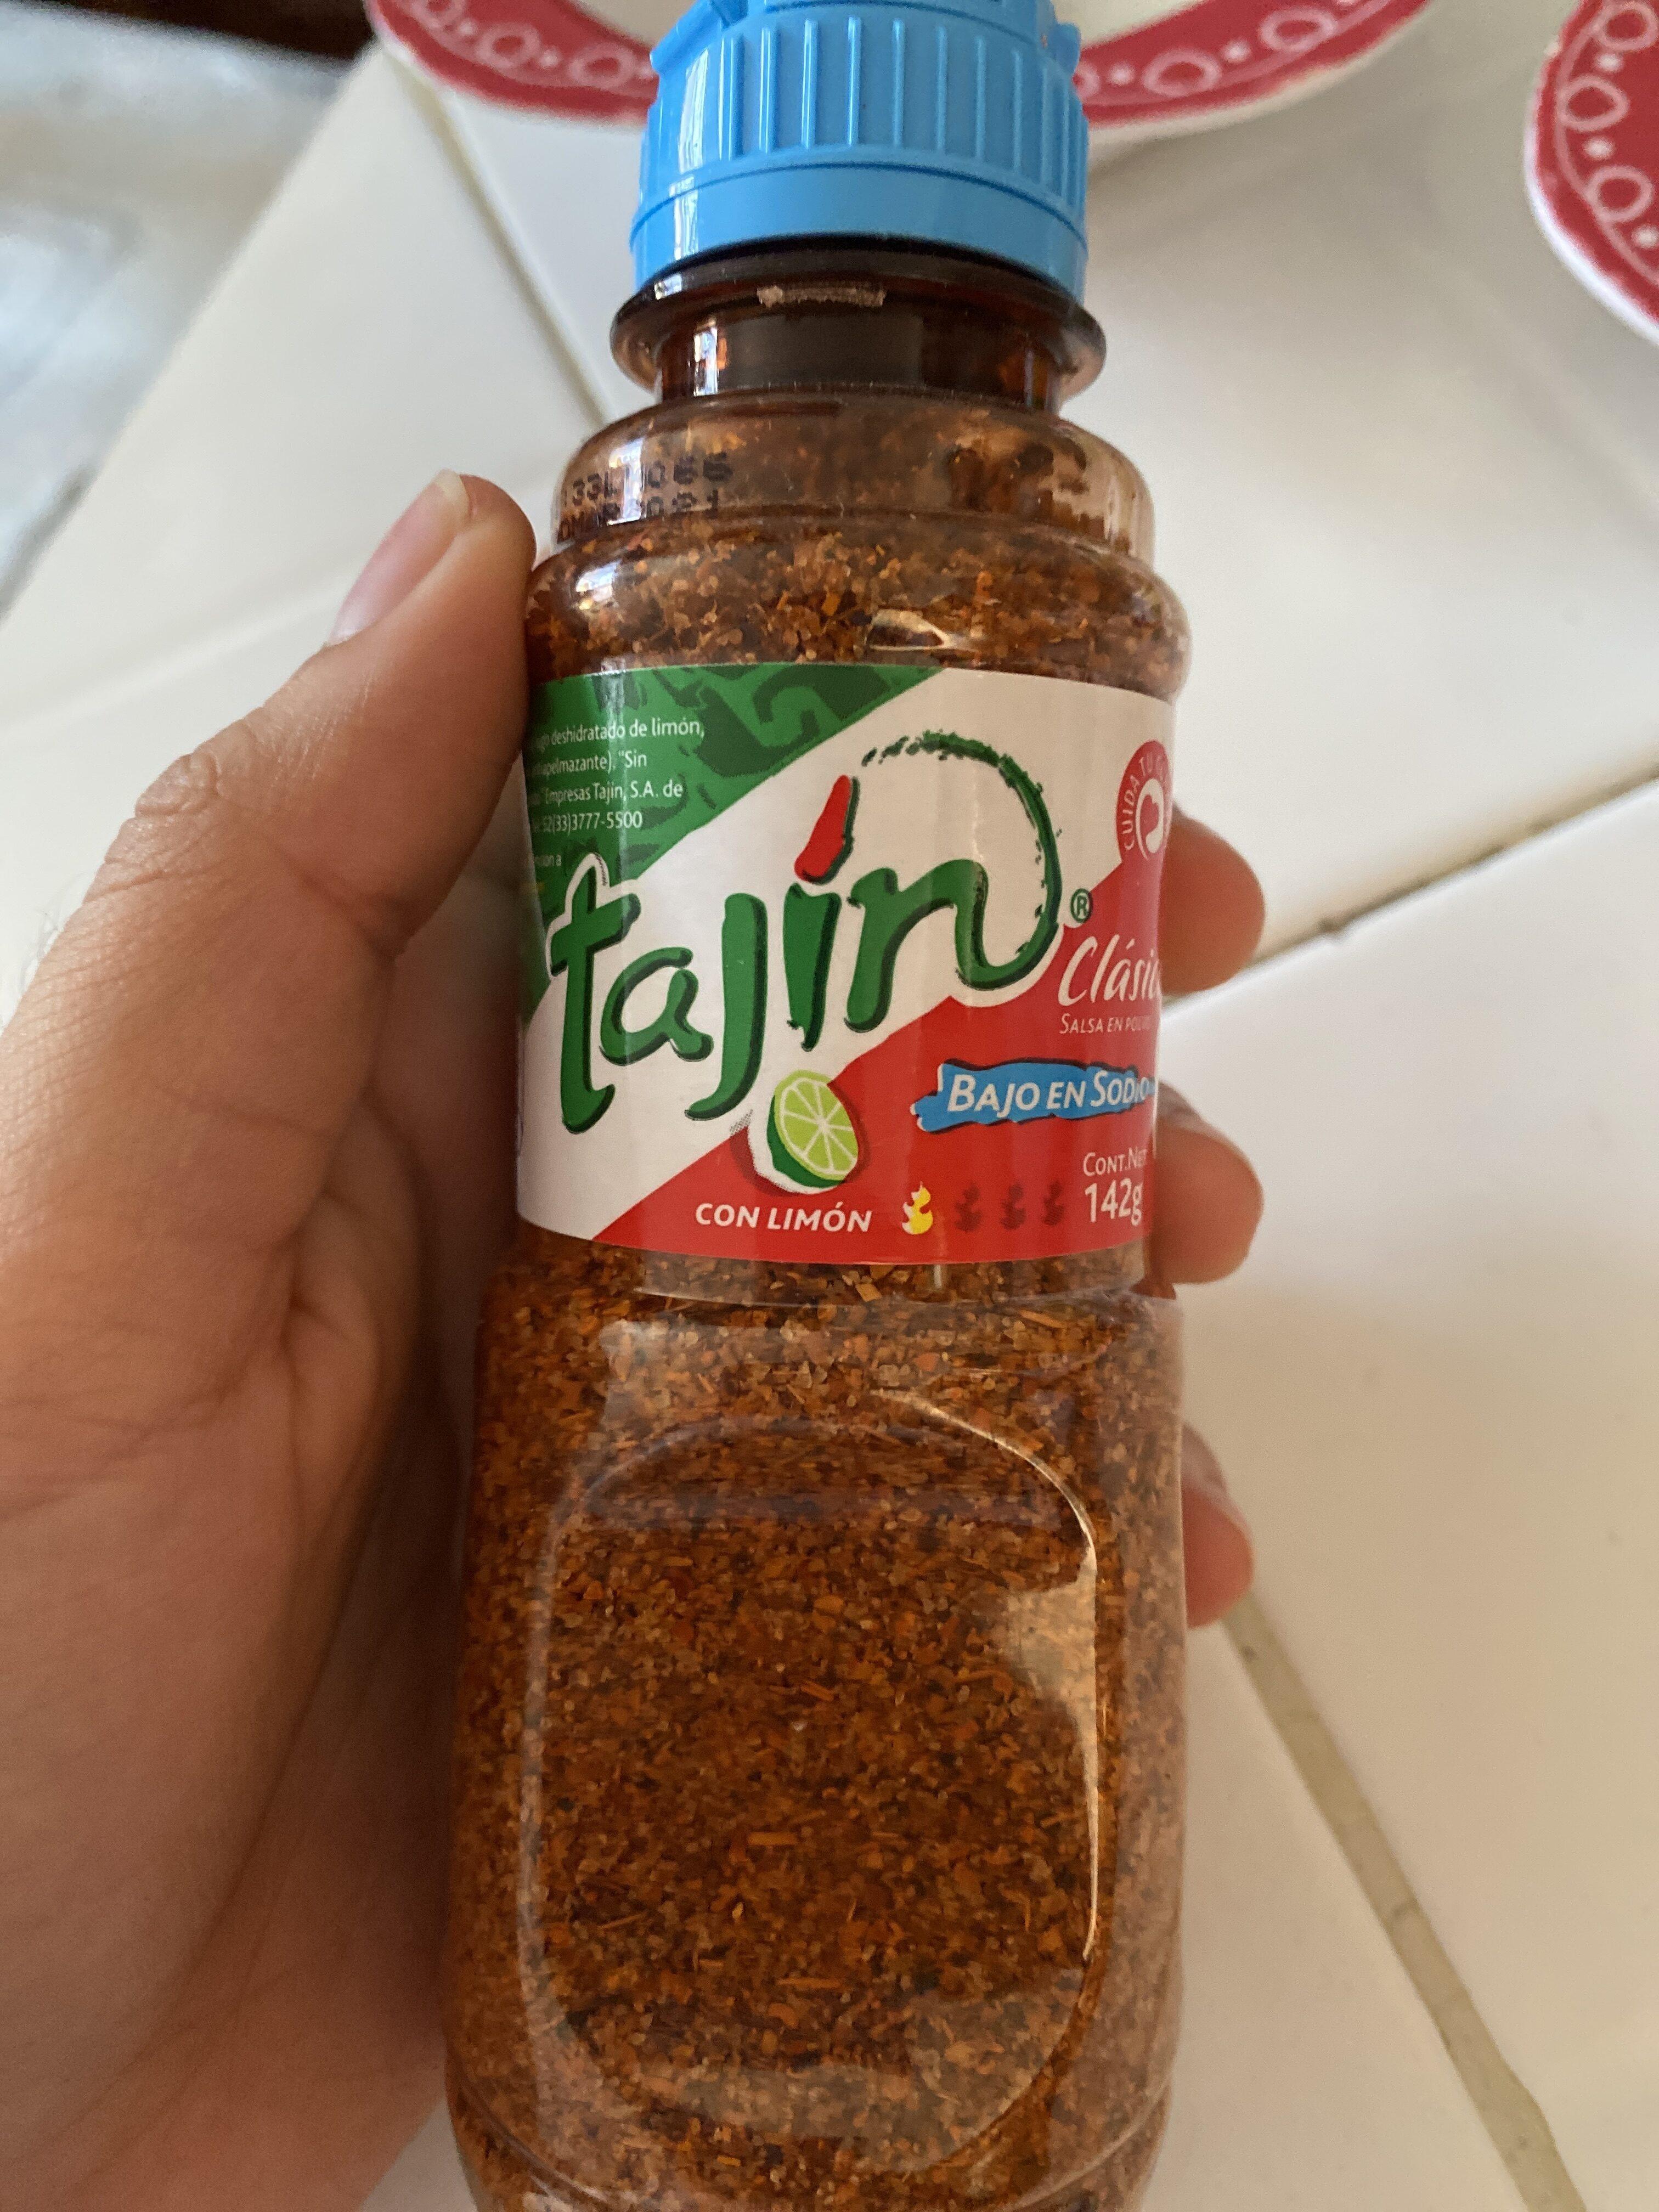 Tajin, clasico seasoning, lime - Product - en